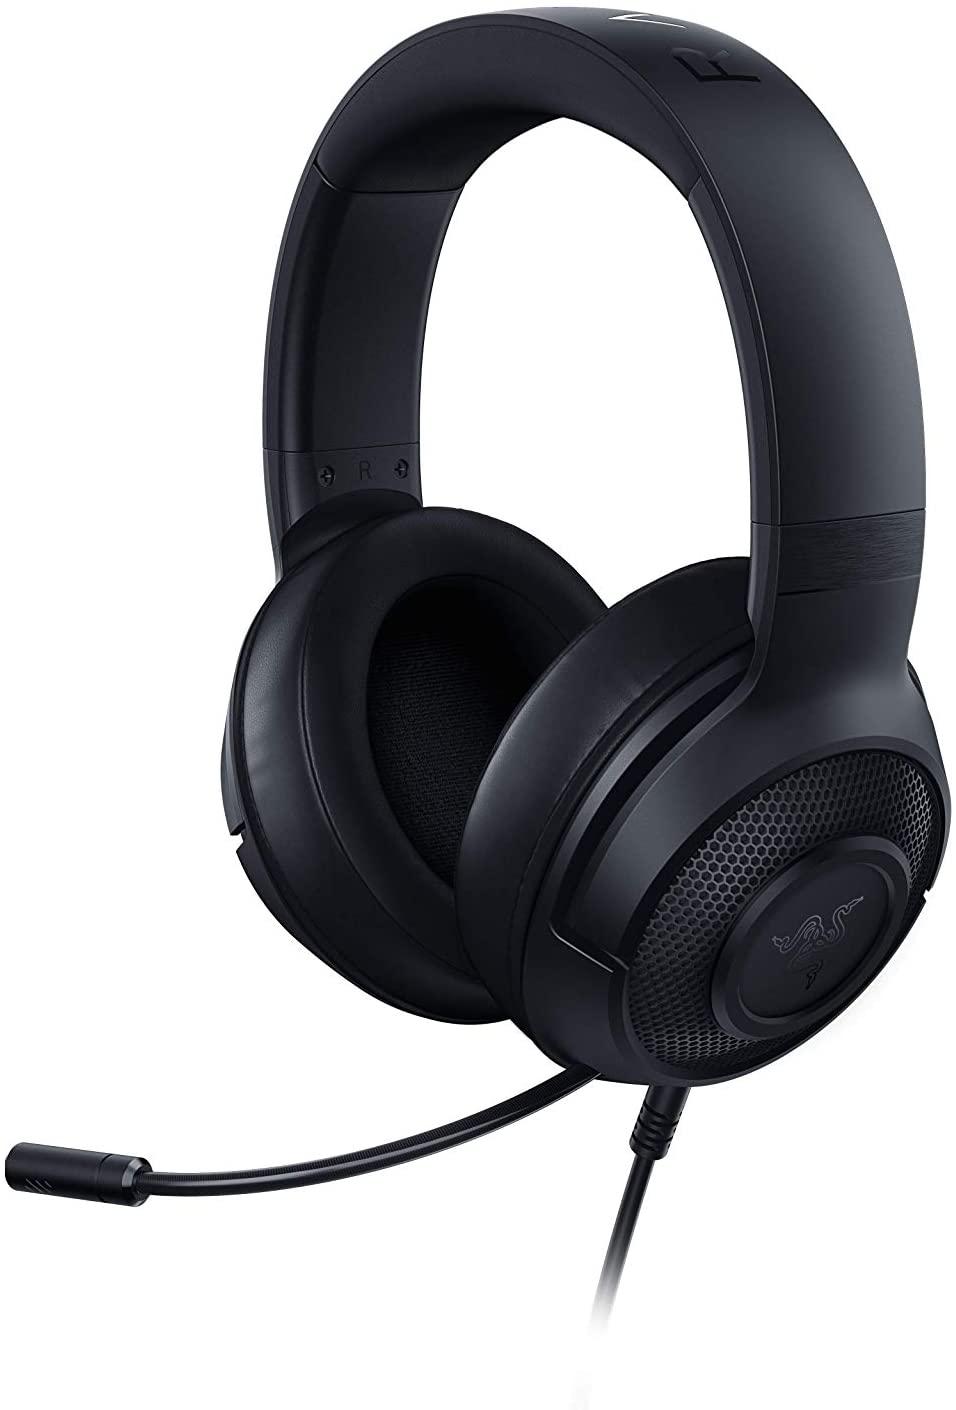 Prime! Razer kraken X headset